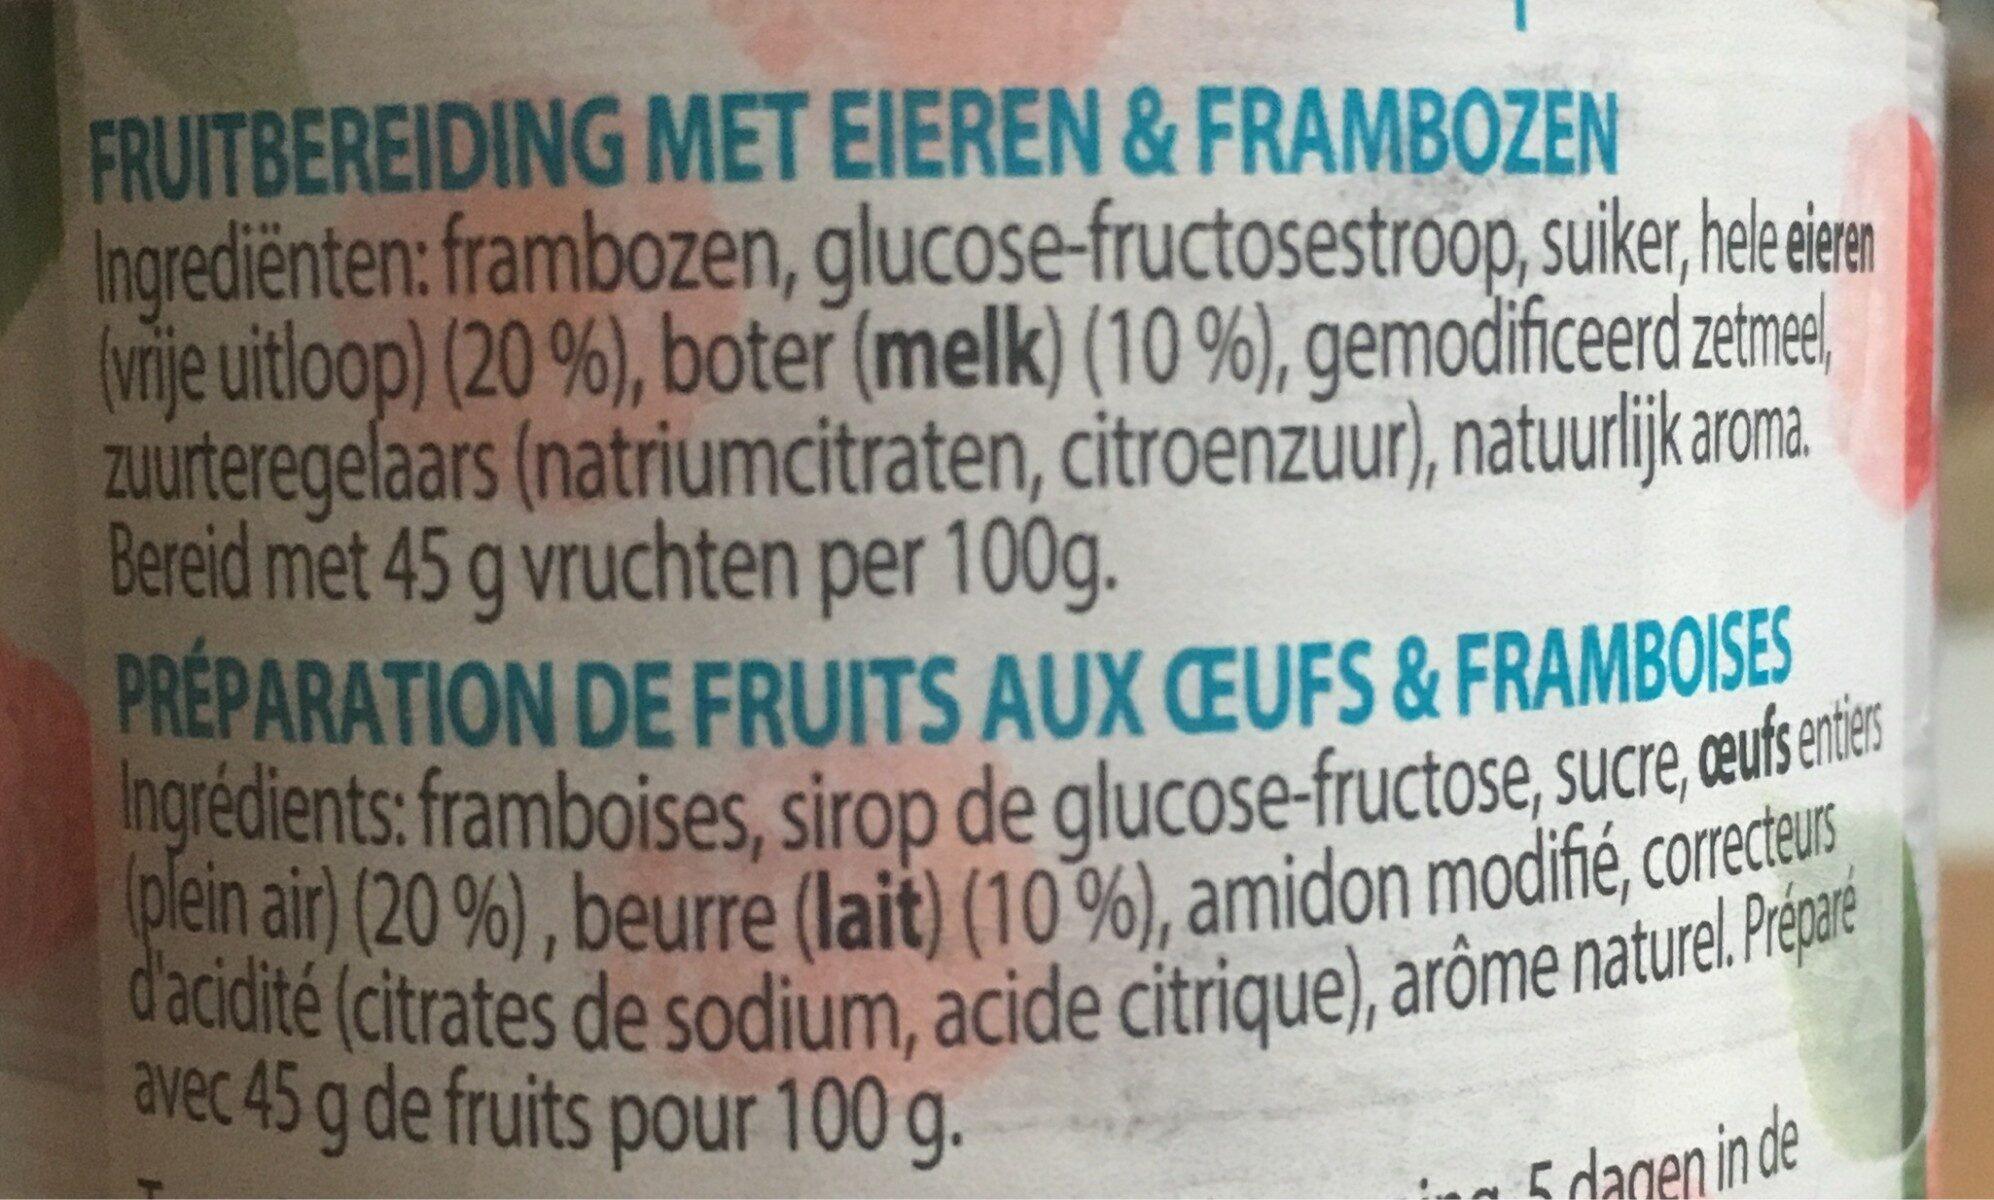 Crème de framboises - Ingredients